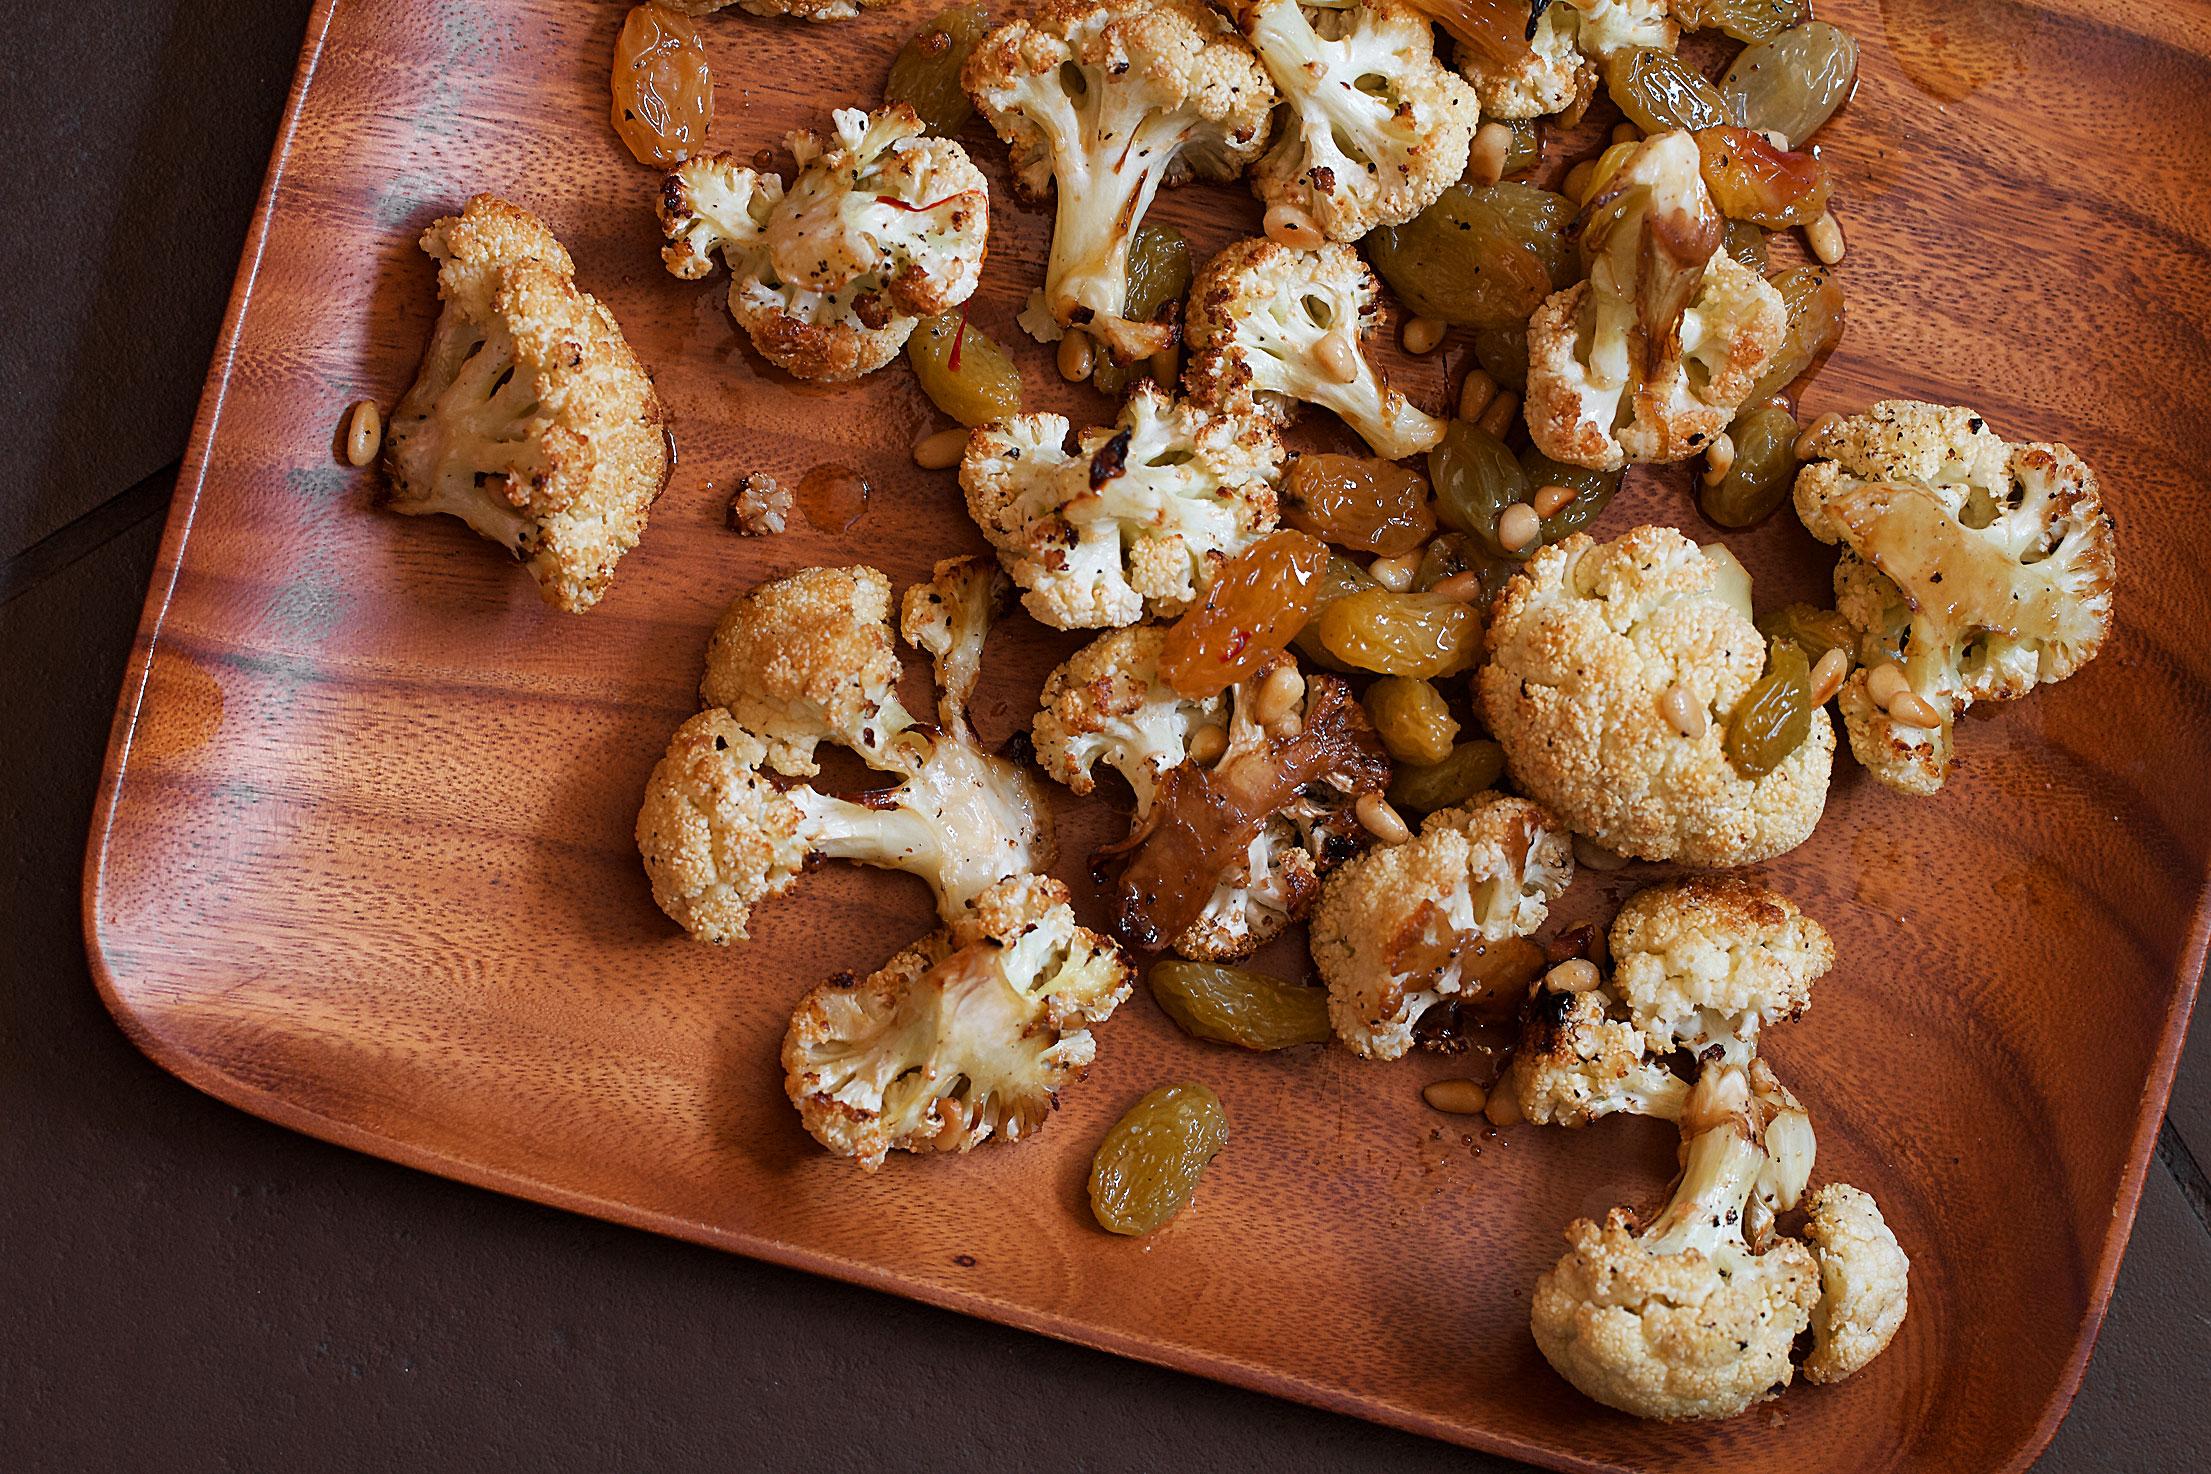 Cauliflower with Saffron-Pickled Raisins